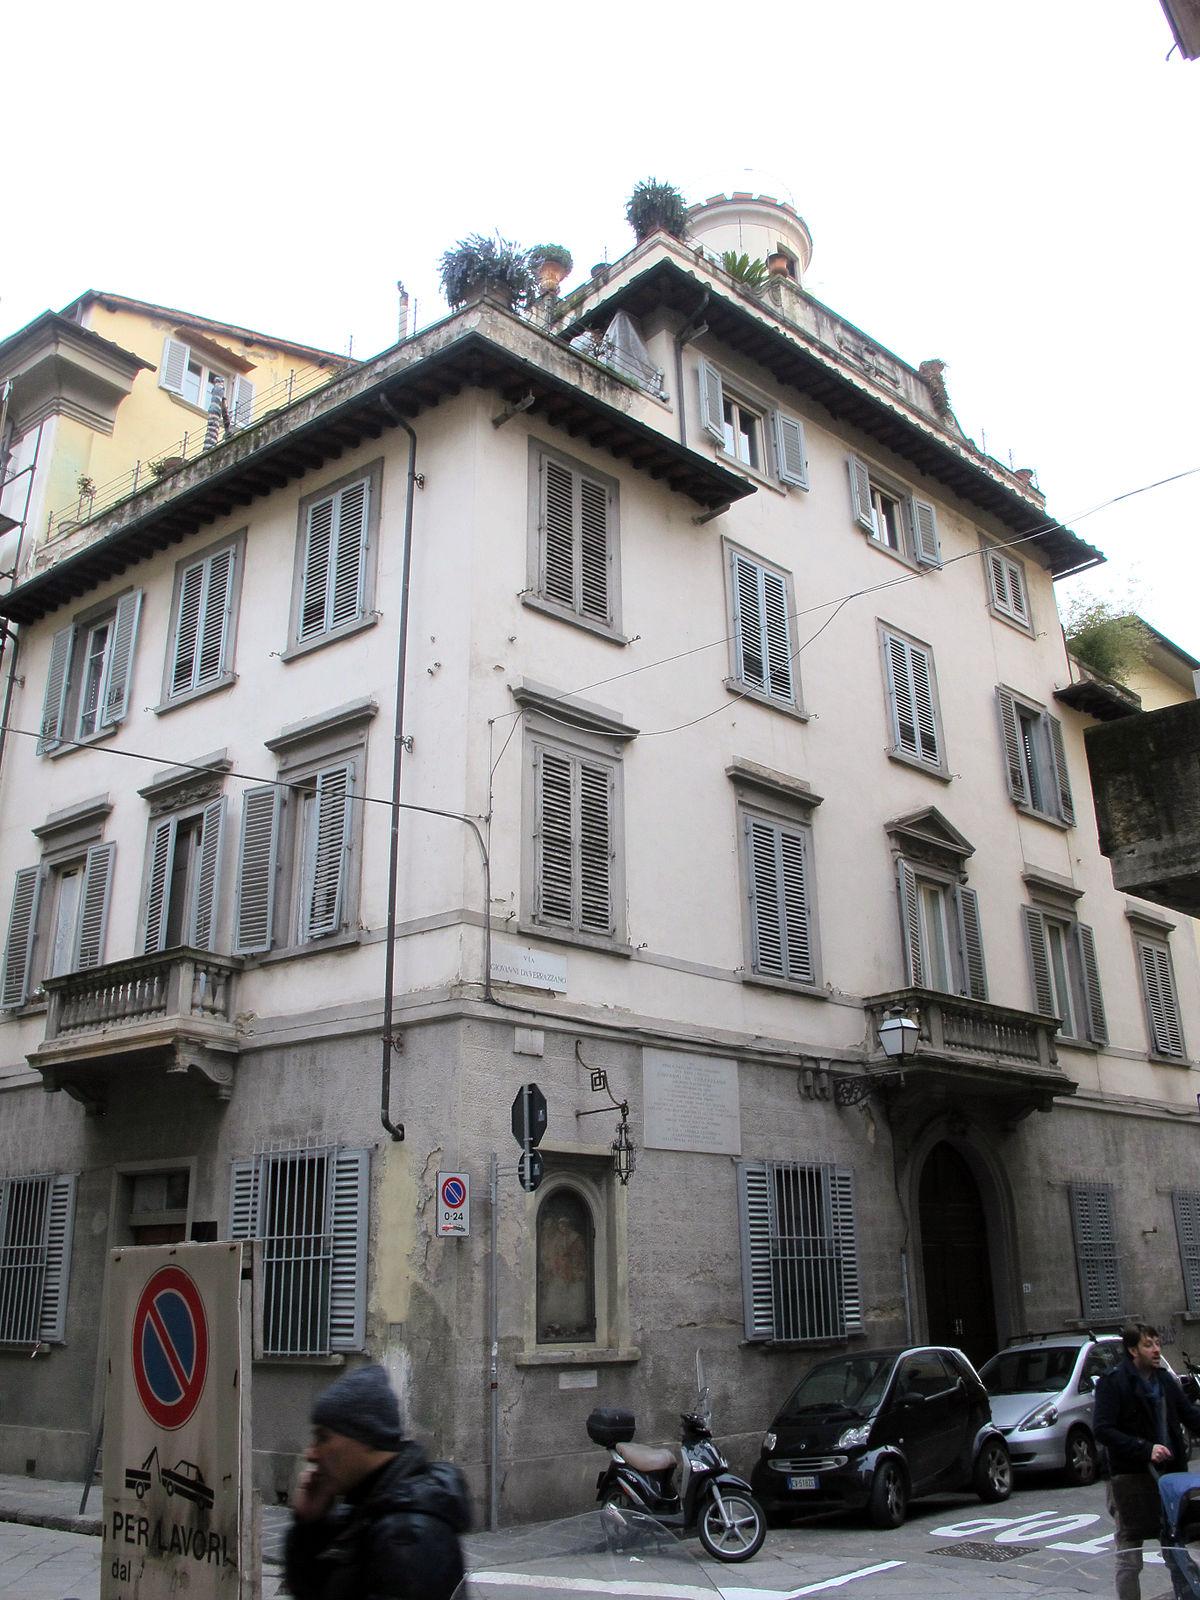 Casa natale di giovanni da verrazzano wikipedia for Piani di una casa bungalow storia